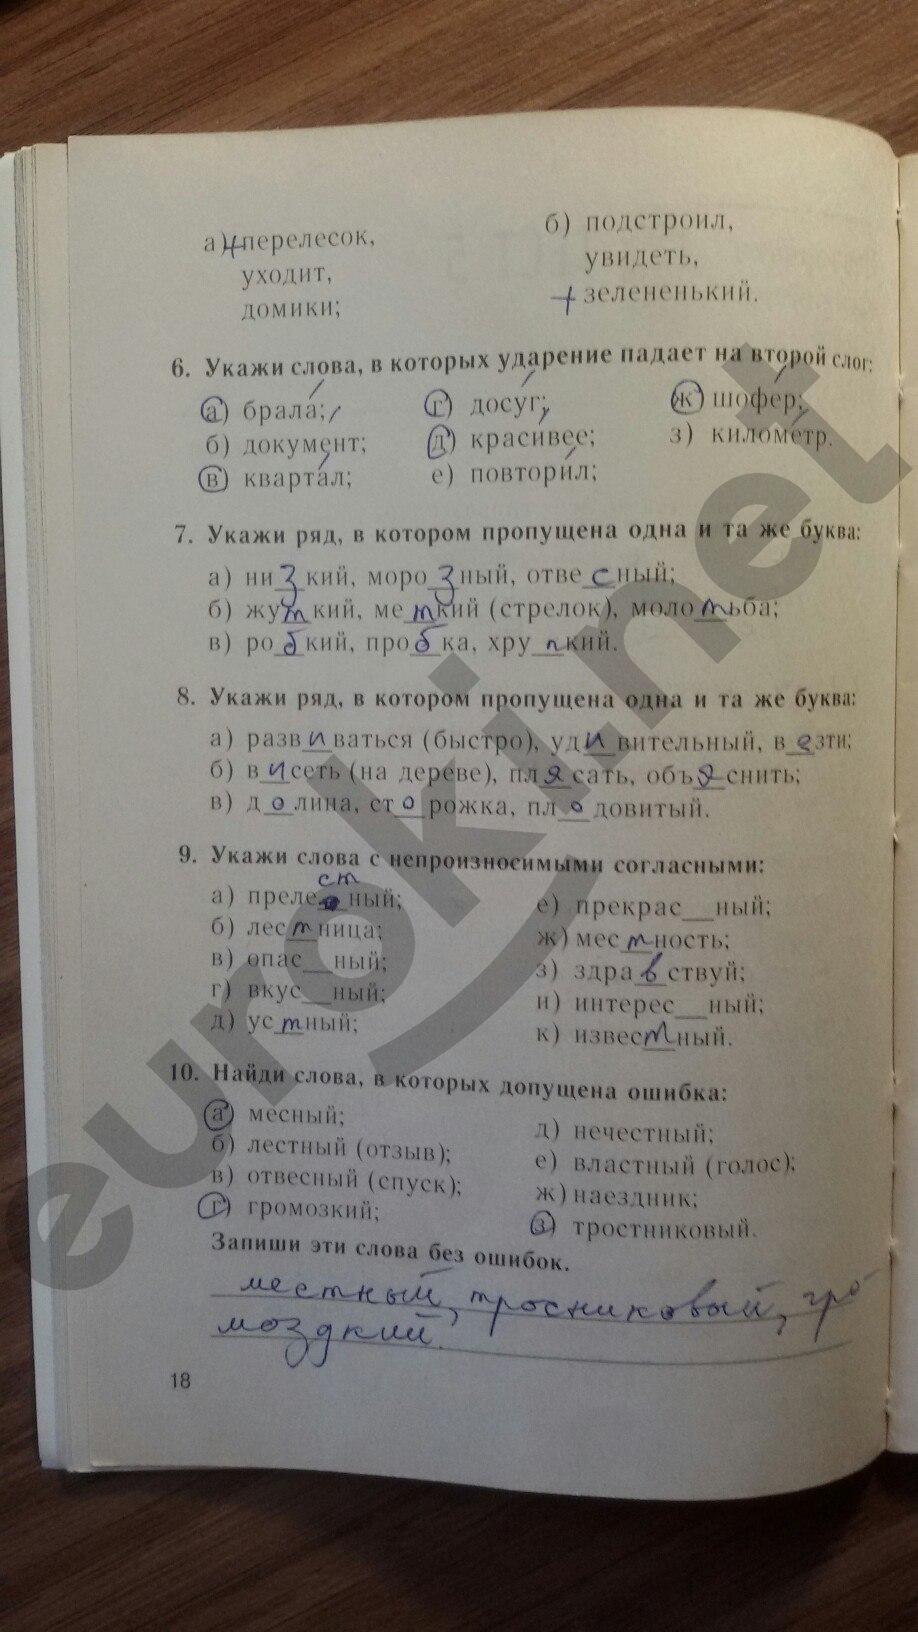 Книга решебник к тестам онлайн по русскому 8 класс книгина